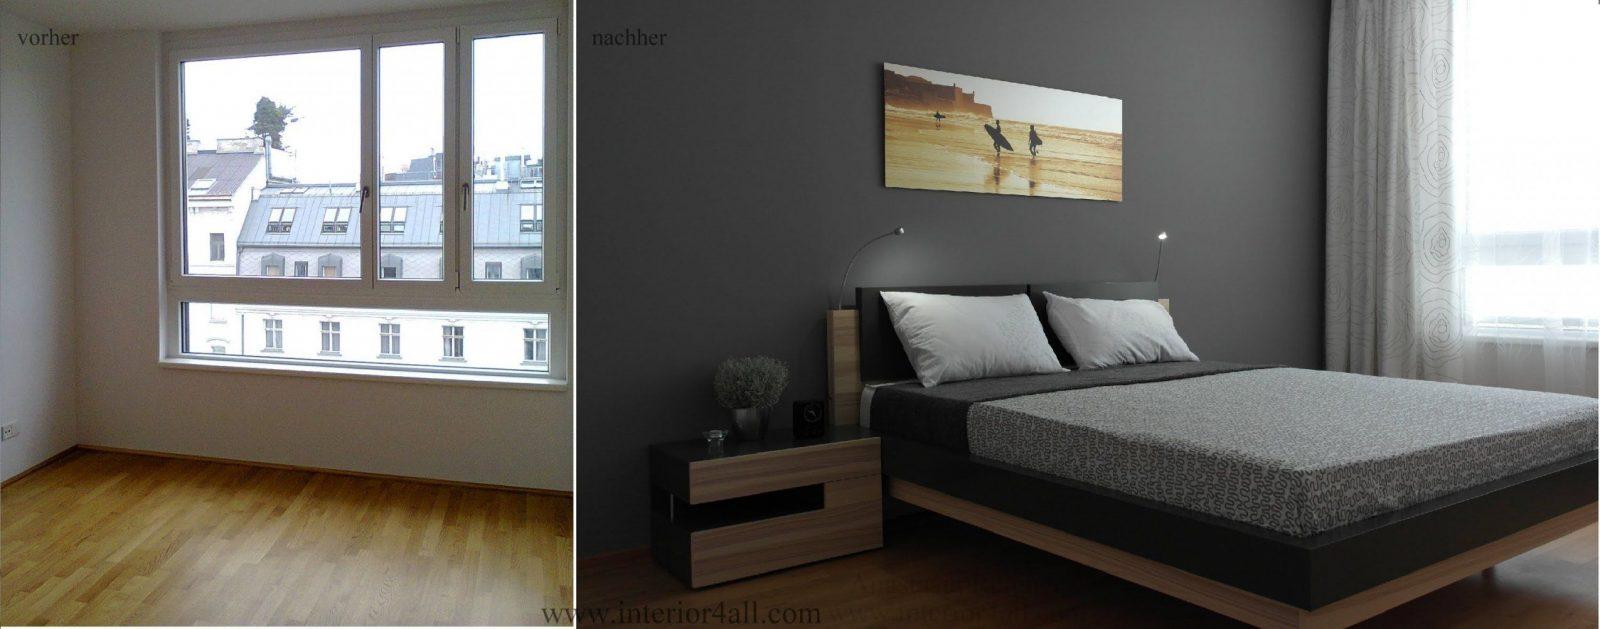 Kleine Räume Einrichten  Stilvolle Männer Schlafzimmer Vorher von Schlafzimmer Einrichten Kleiner Raum Photo